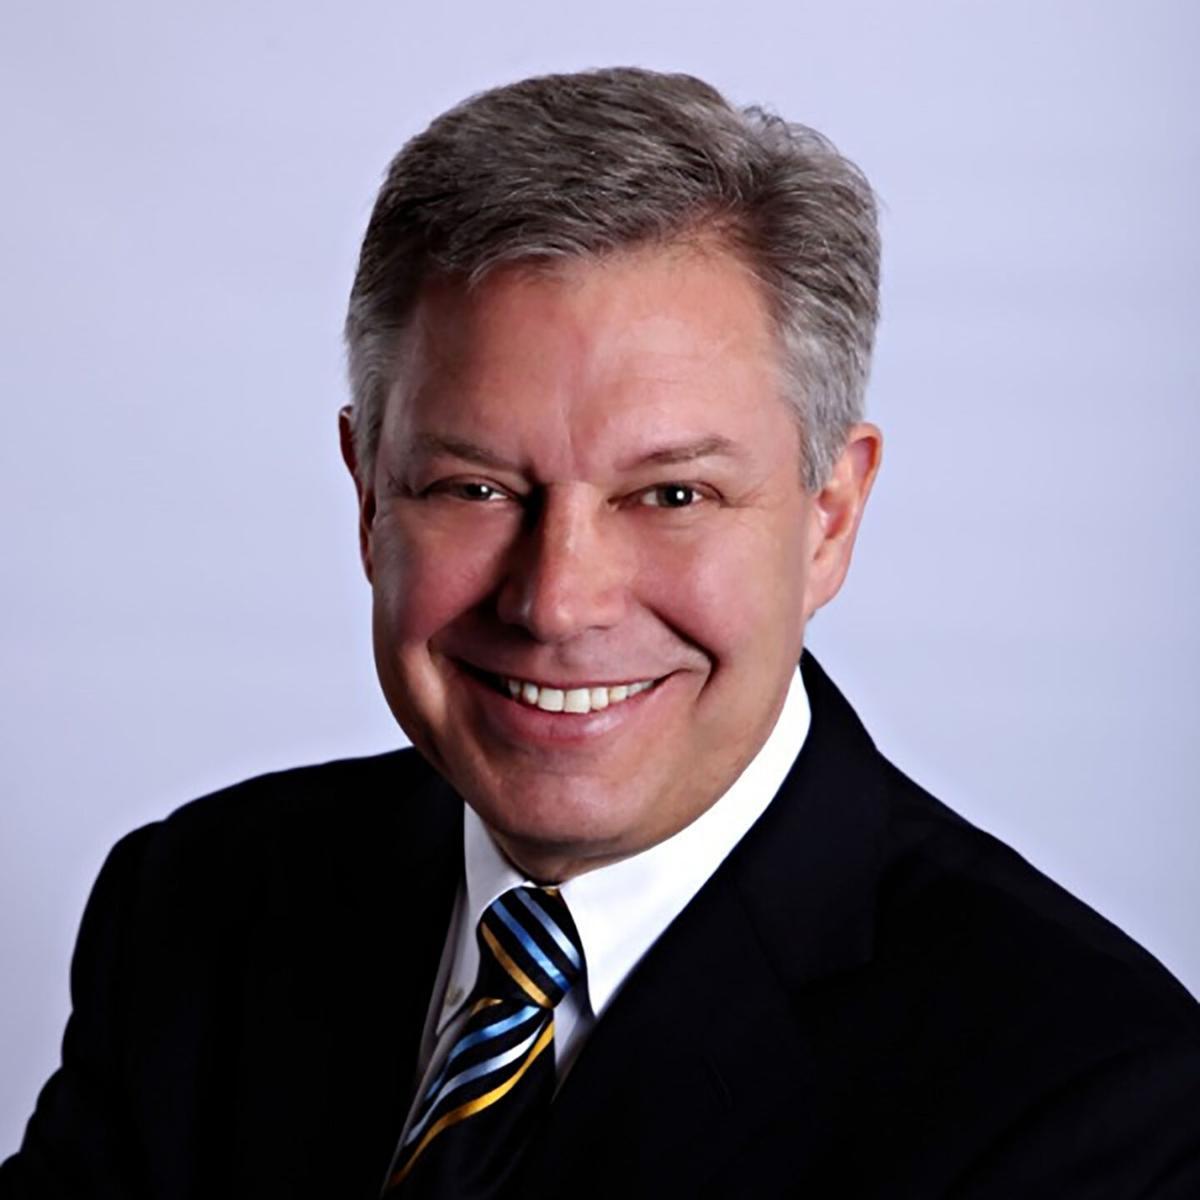 Jon Schallert